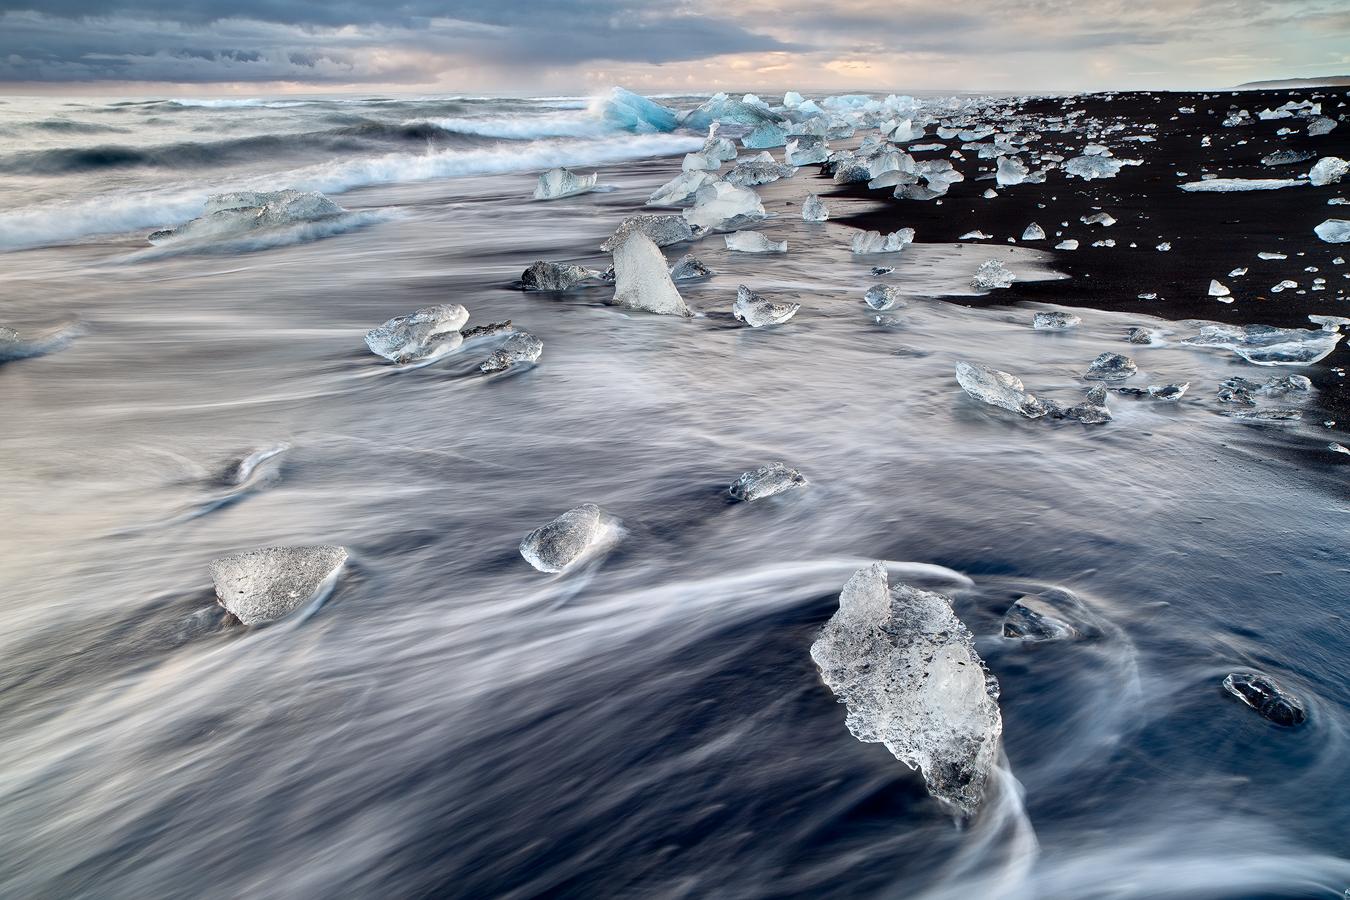 冰岛南岸的钻石冰沙滩纯净而美丽